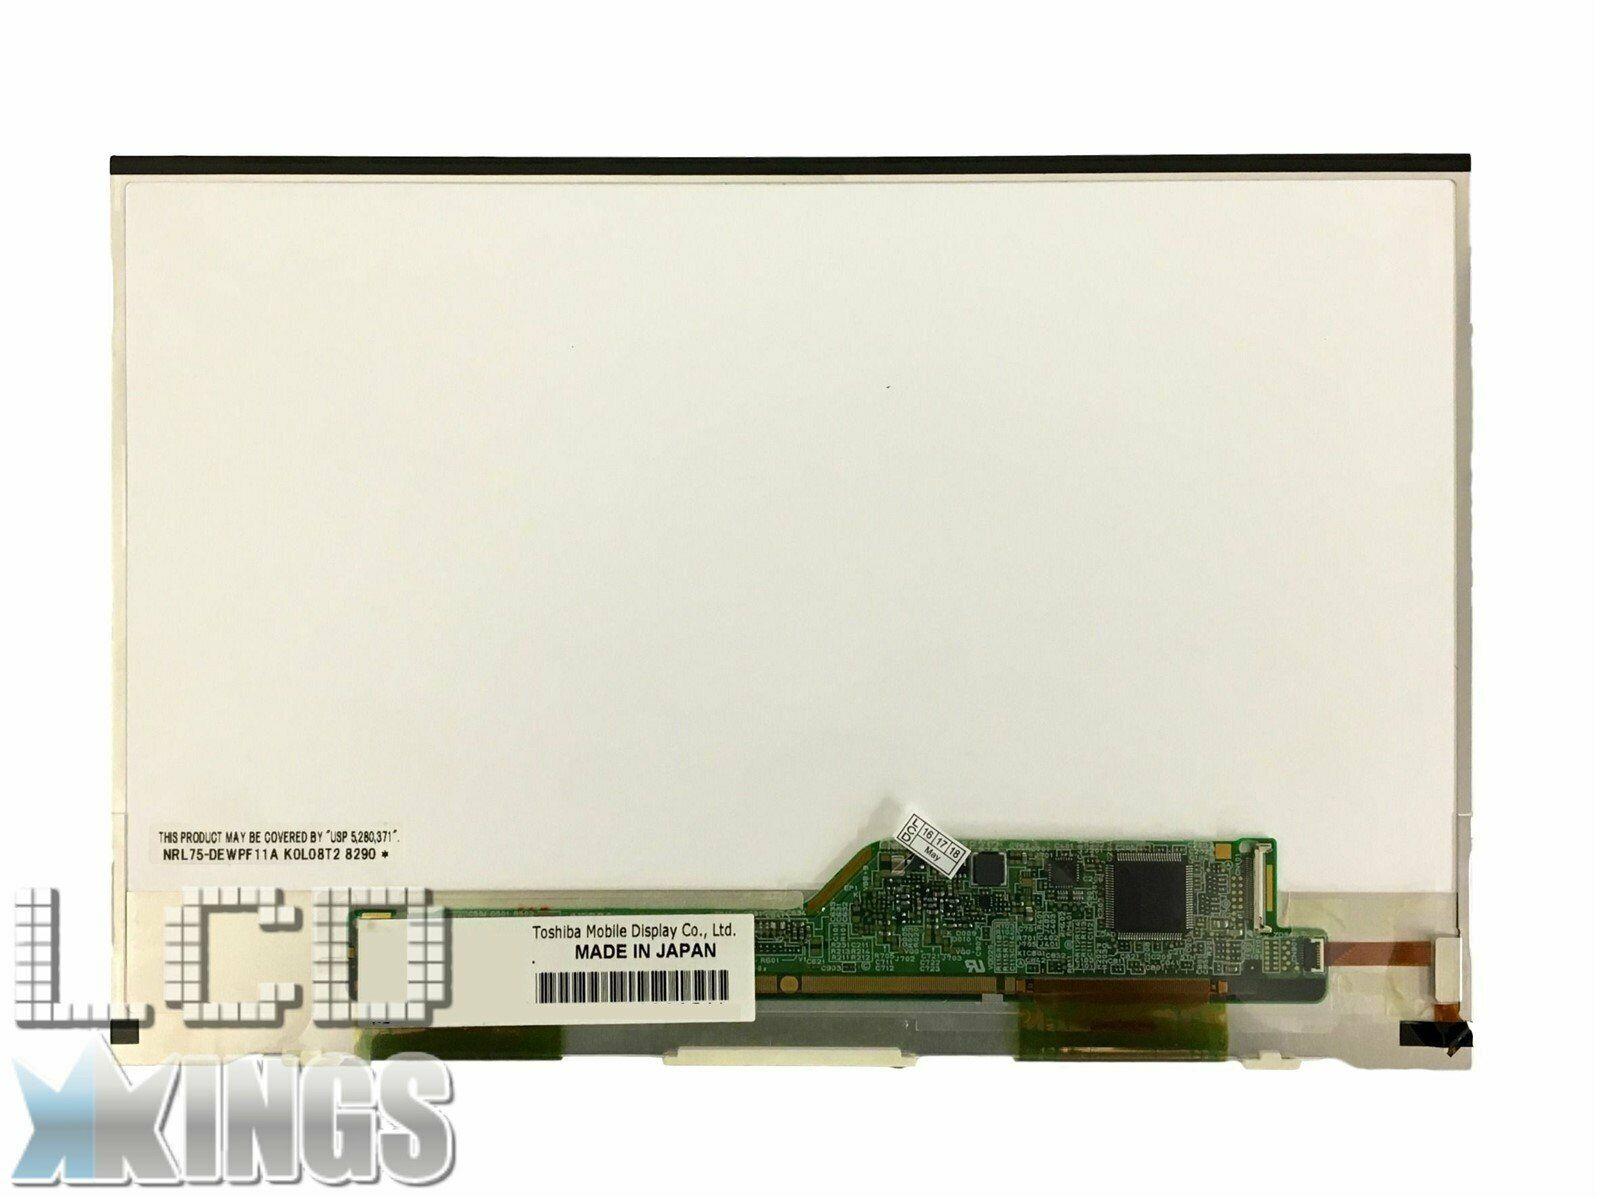 Fujitsu CP368868-01 And CP368869-01 12.1